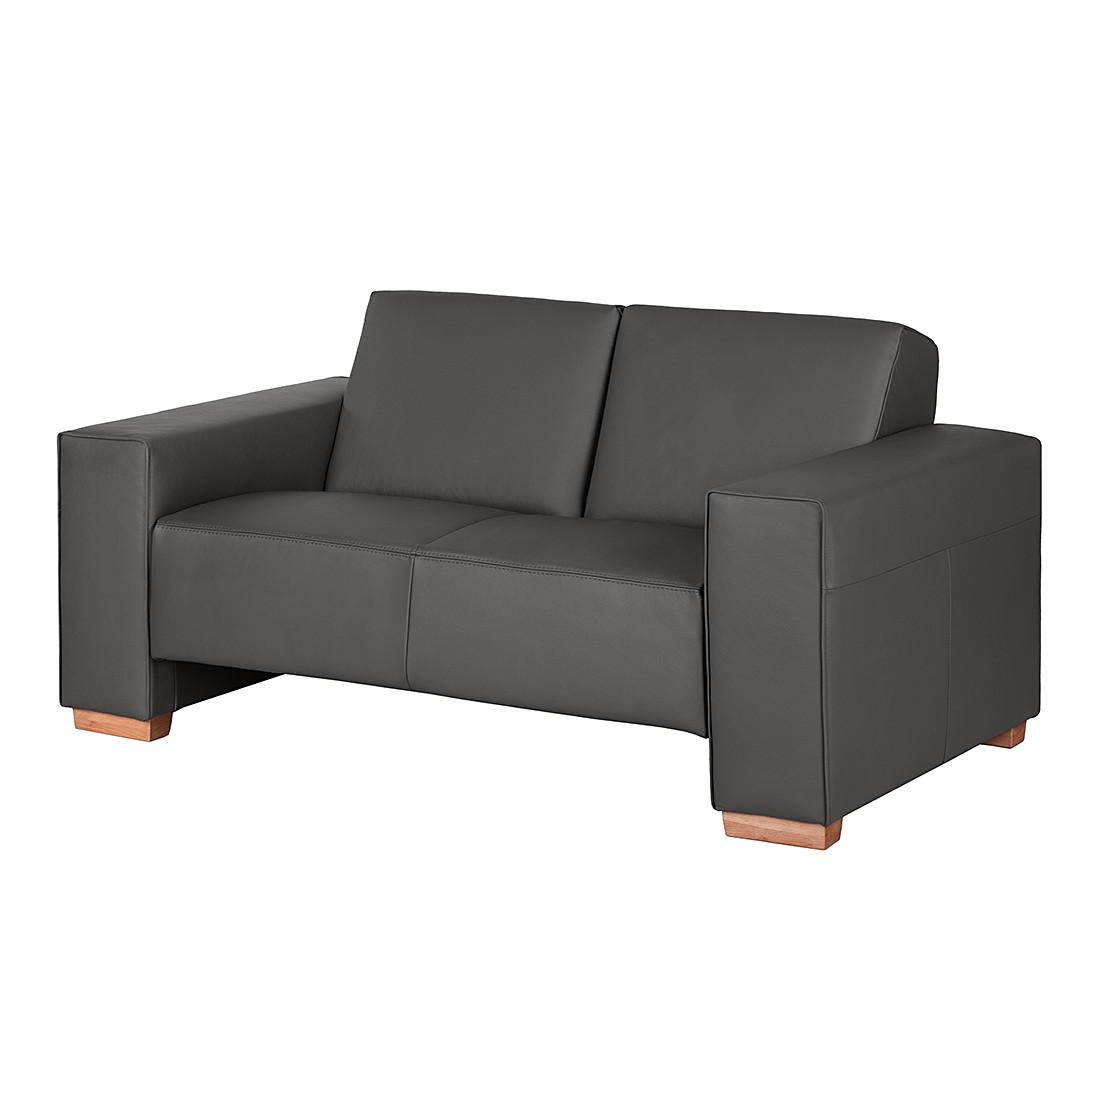 Canapé Midar (2 places) - Cuir véritable gris foncé, roomscape